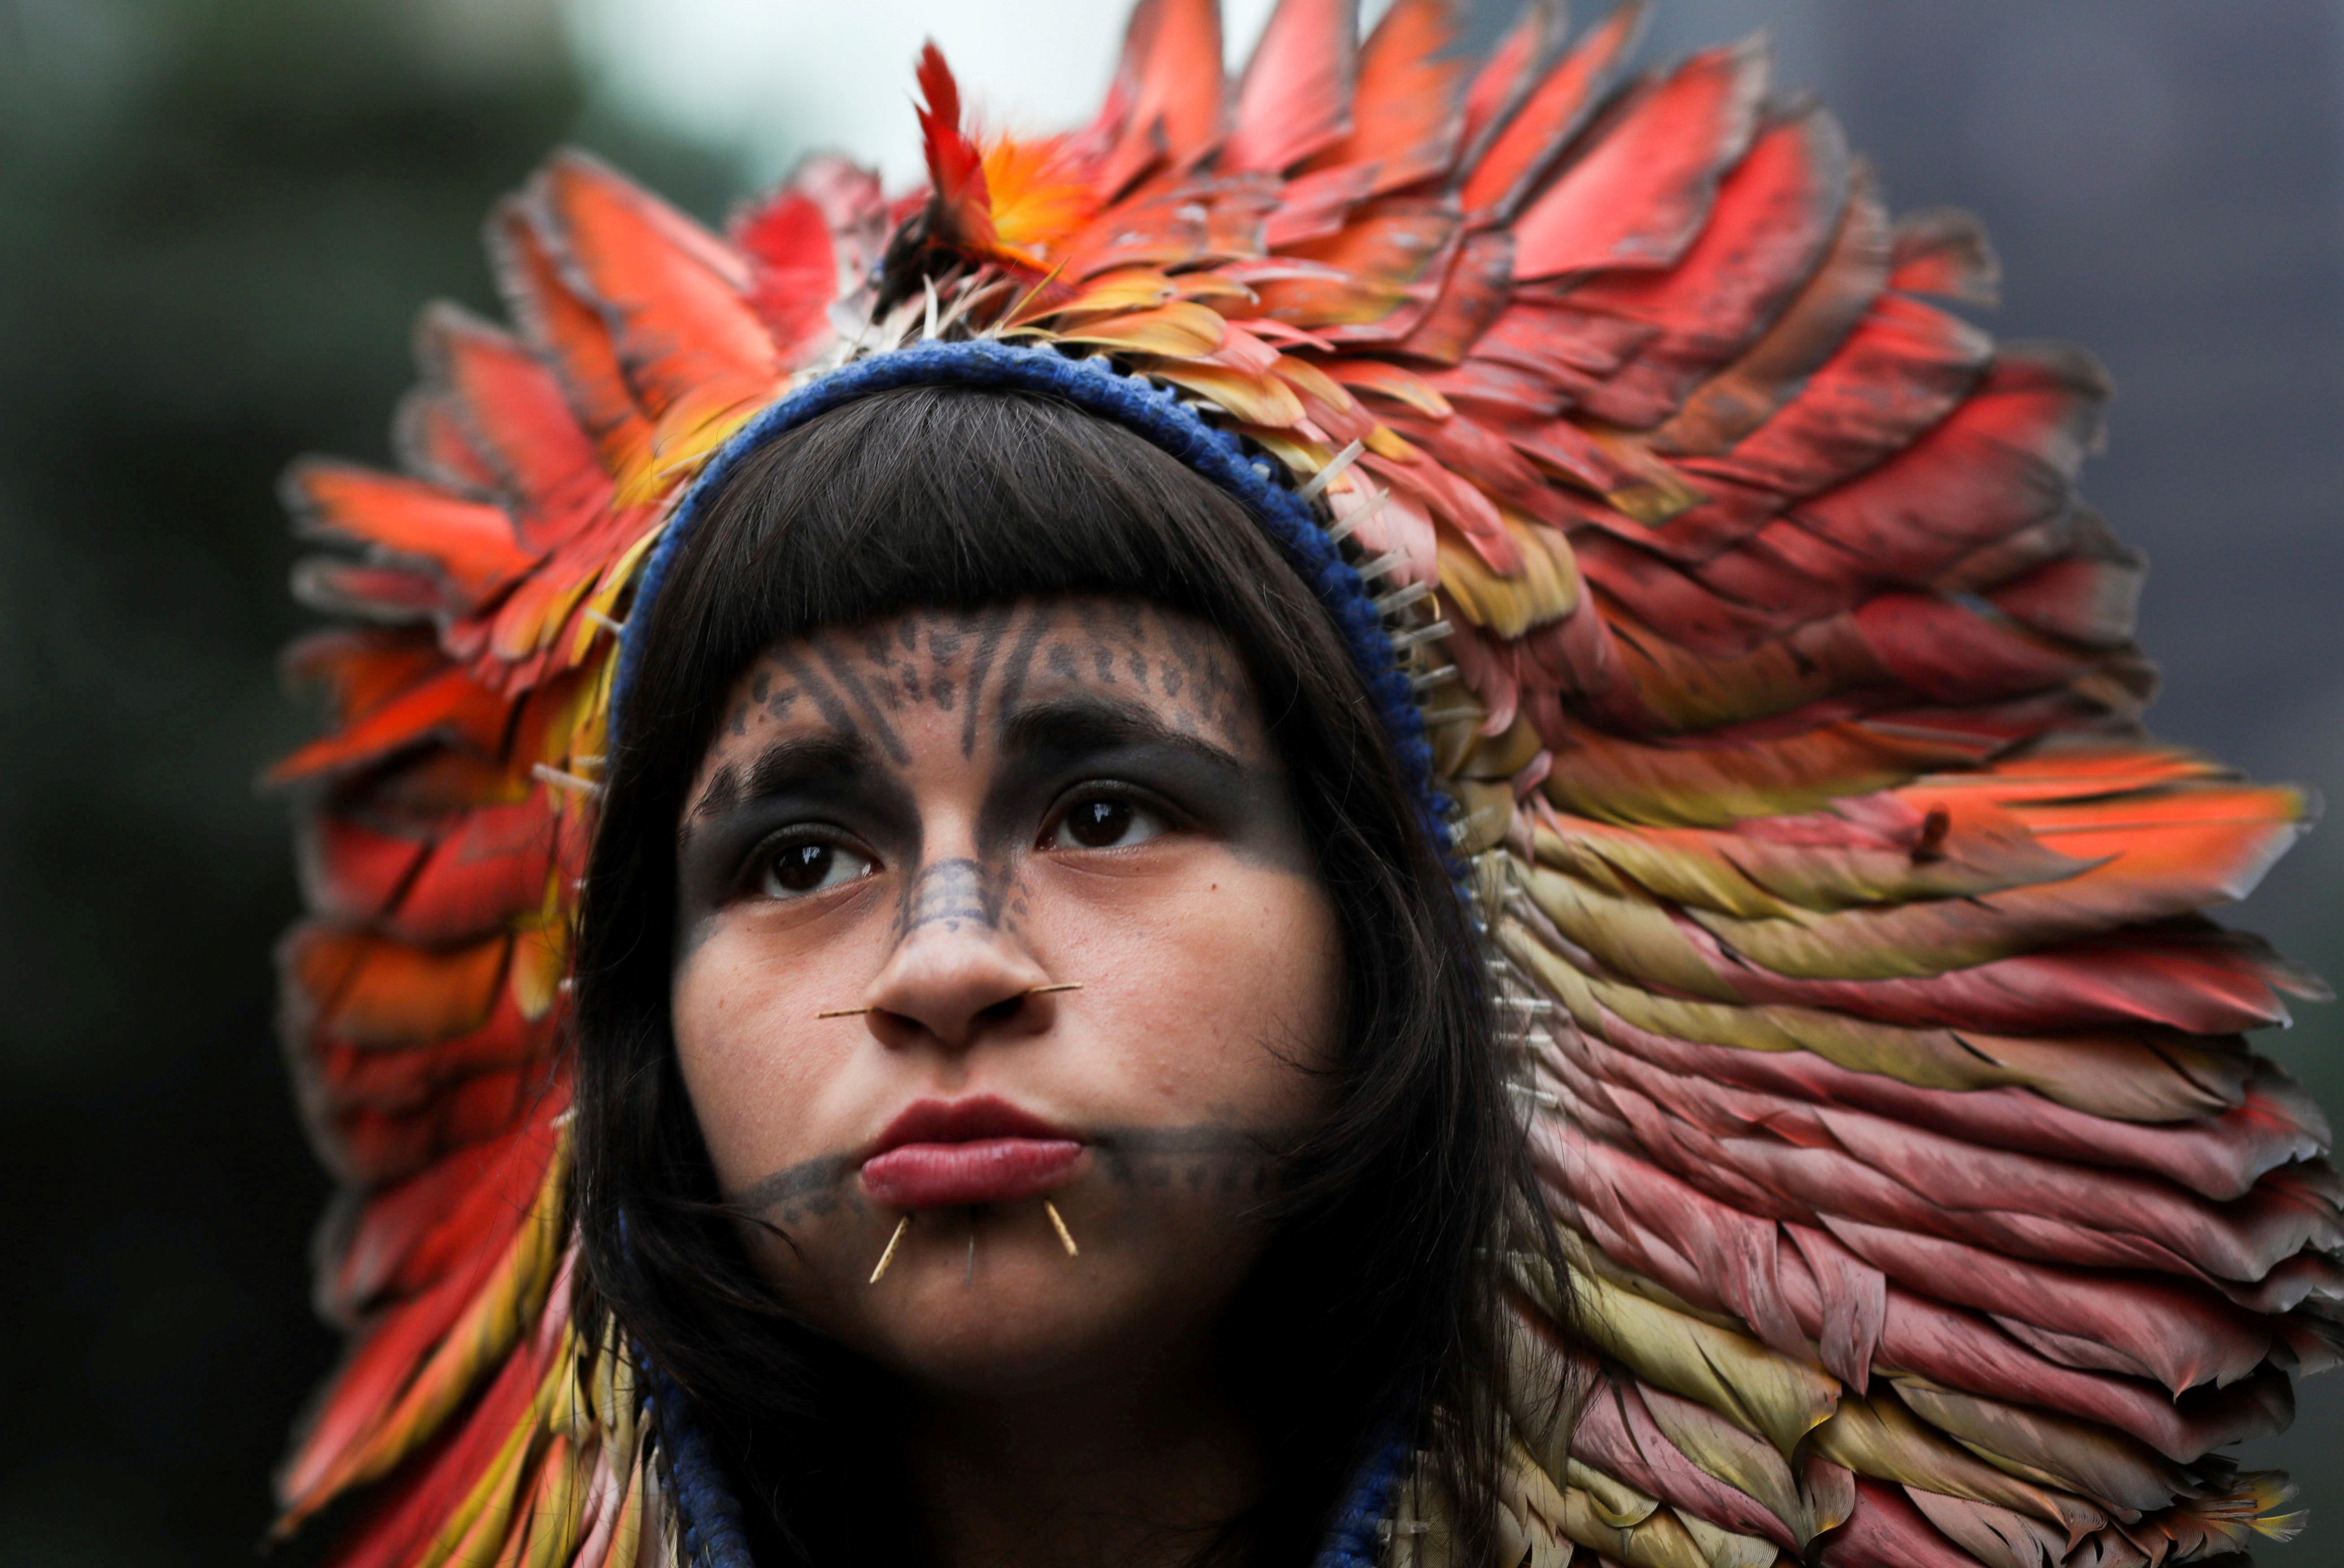 Una mujer indígena participa en una marcha durante el Día Internacional de la Mujer en Sao Paulo, Brasi (REUTERS / Amanda Perobelli)